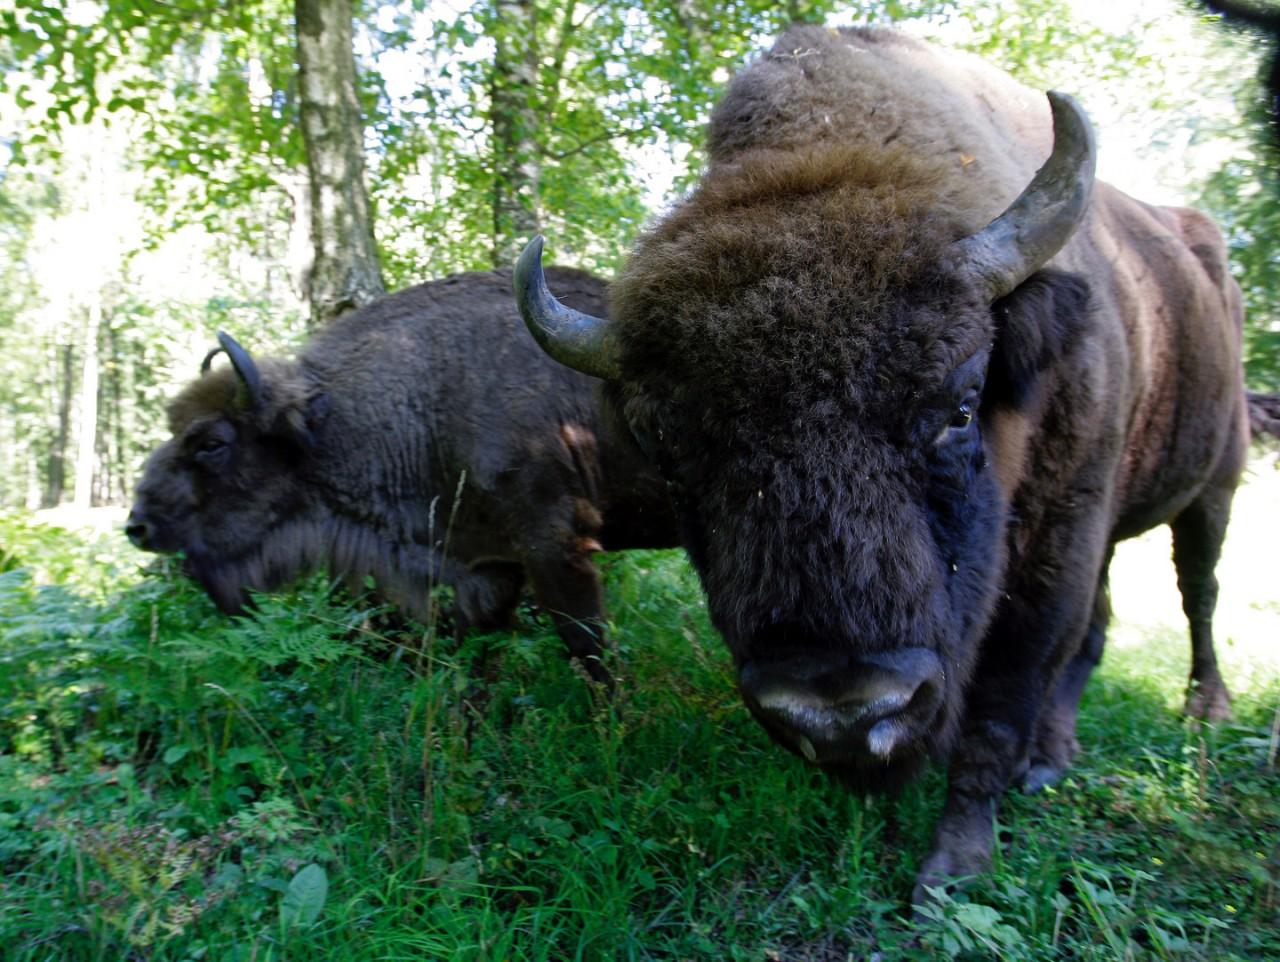 Германия против дикой природы. Власти убили появившегося впервые за 250 лет дикого зубра